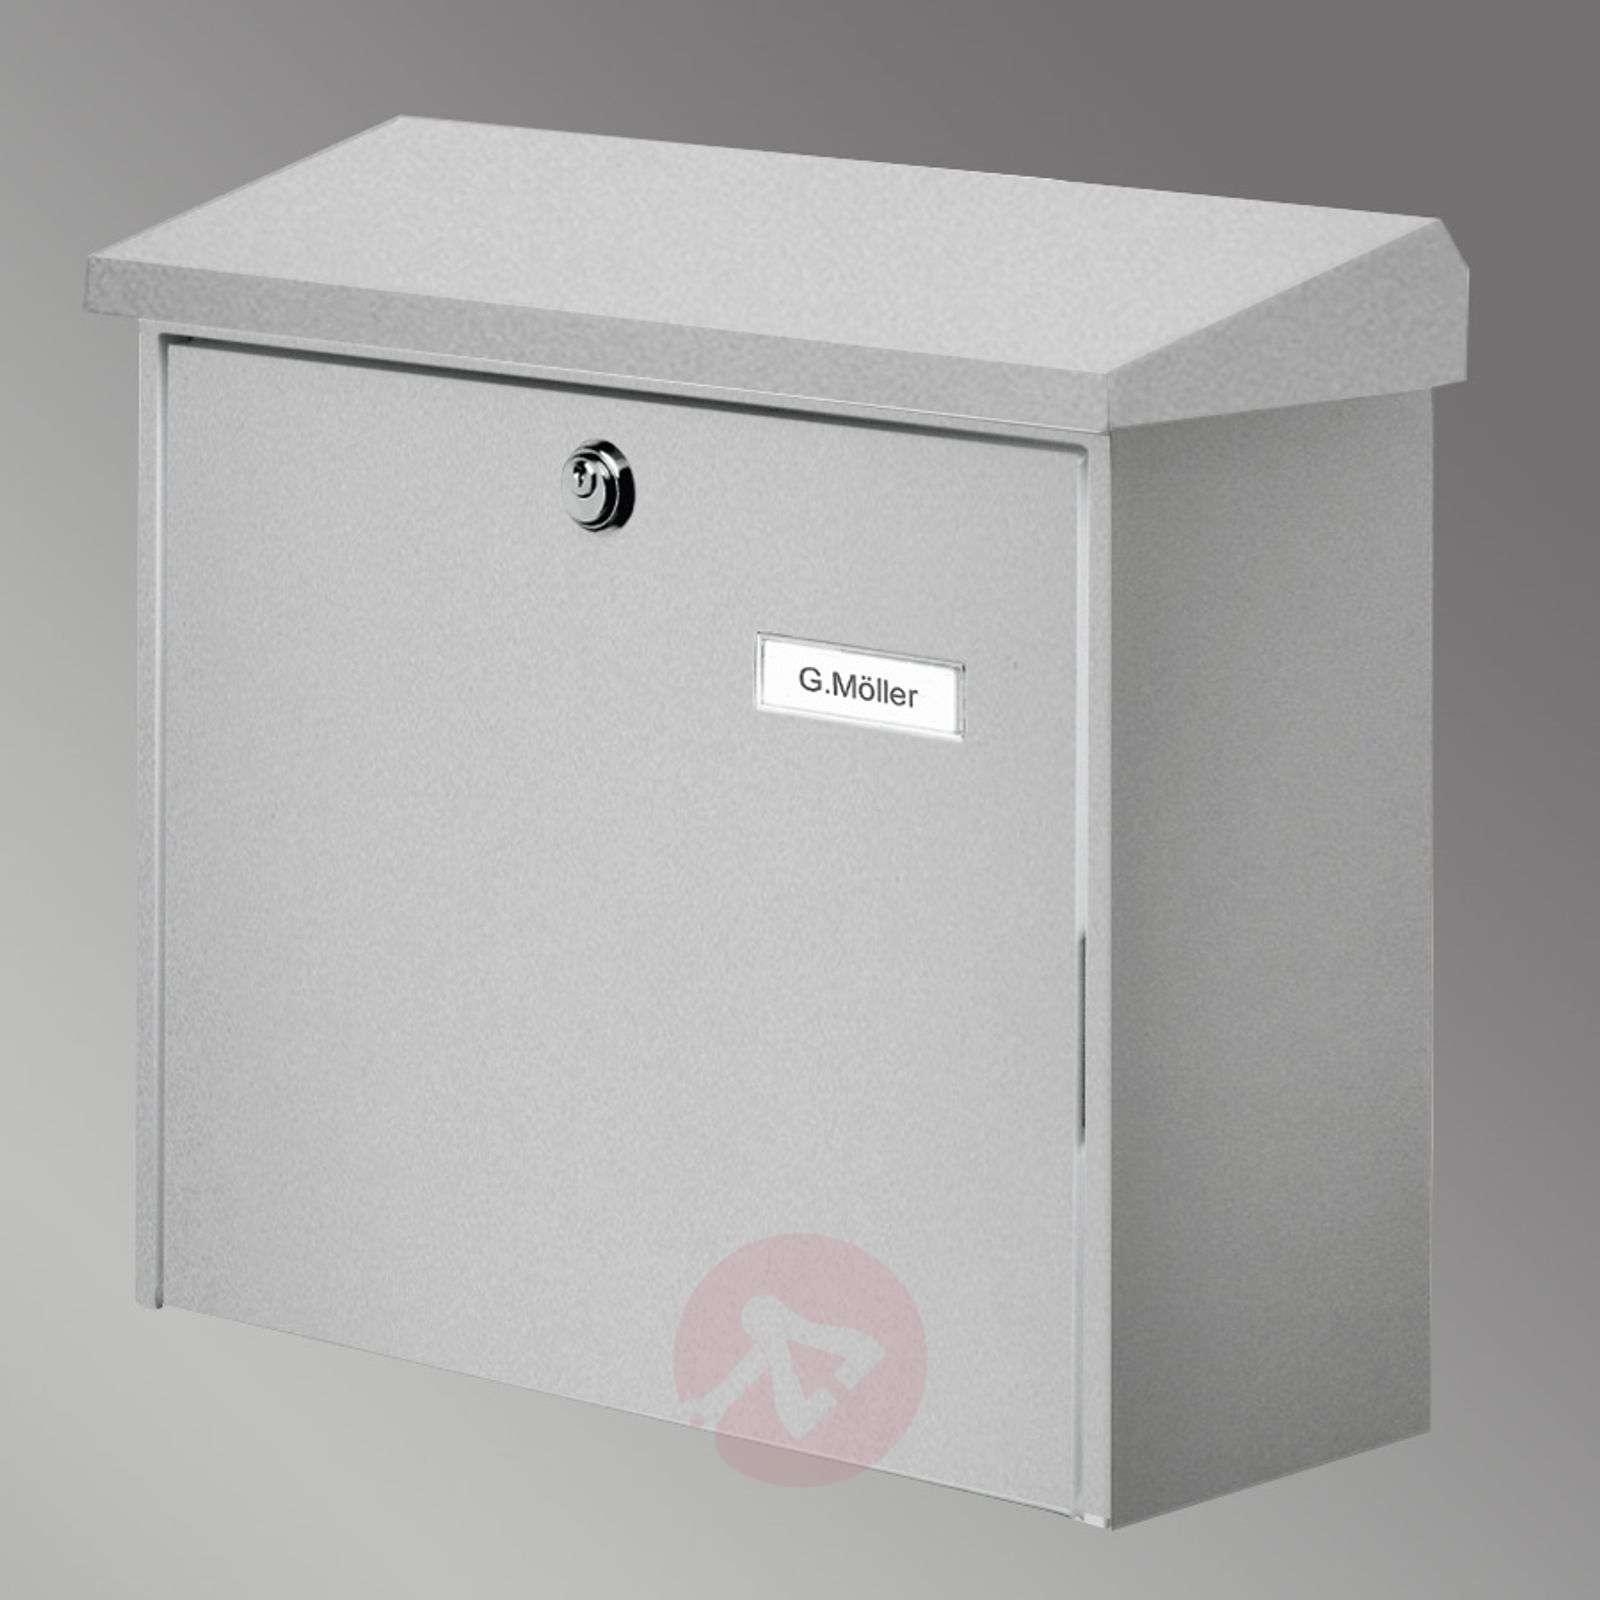 COMFORT postilaatikko-1532067X-01